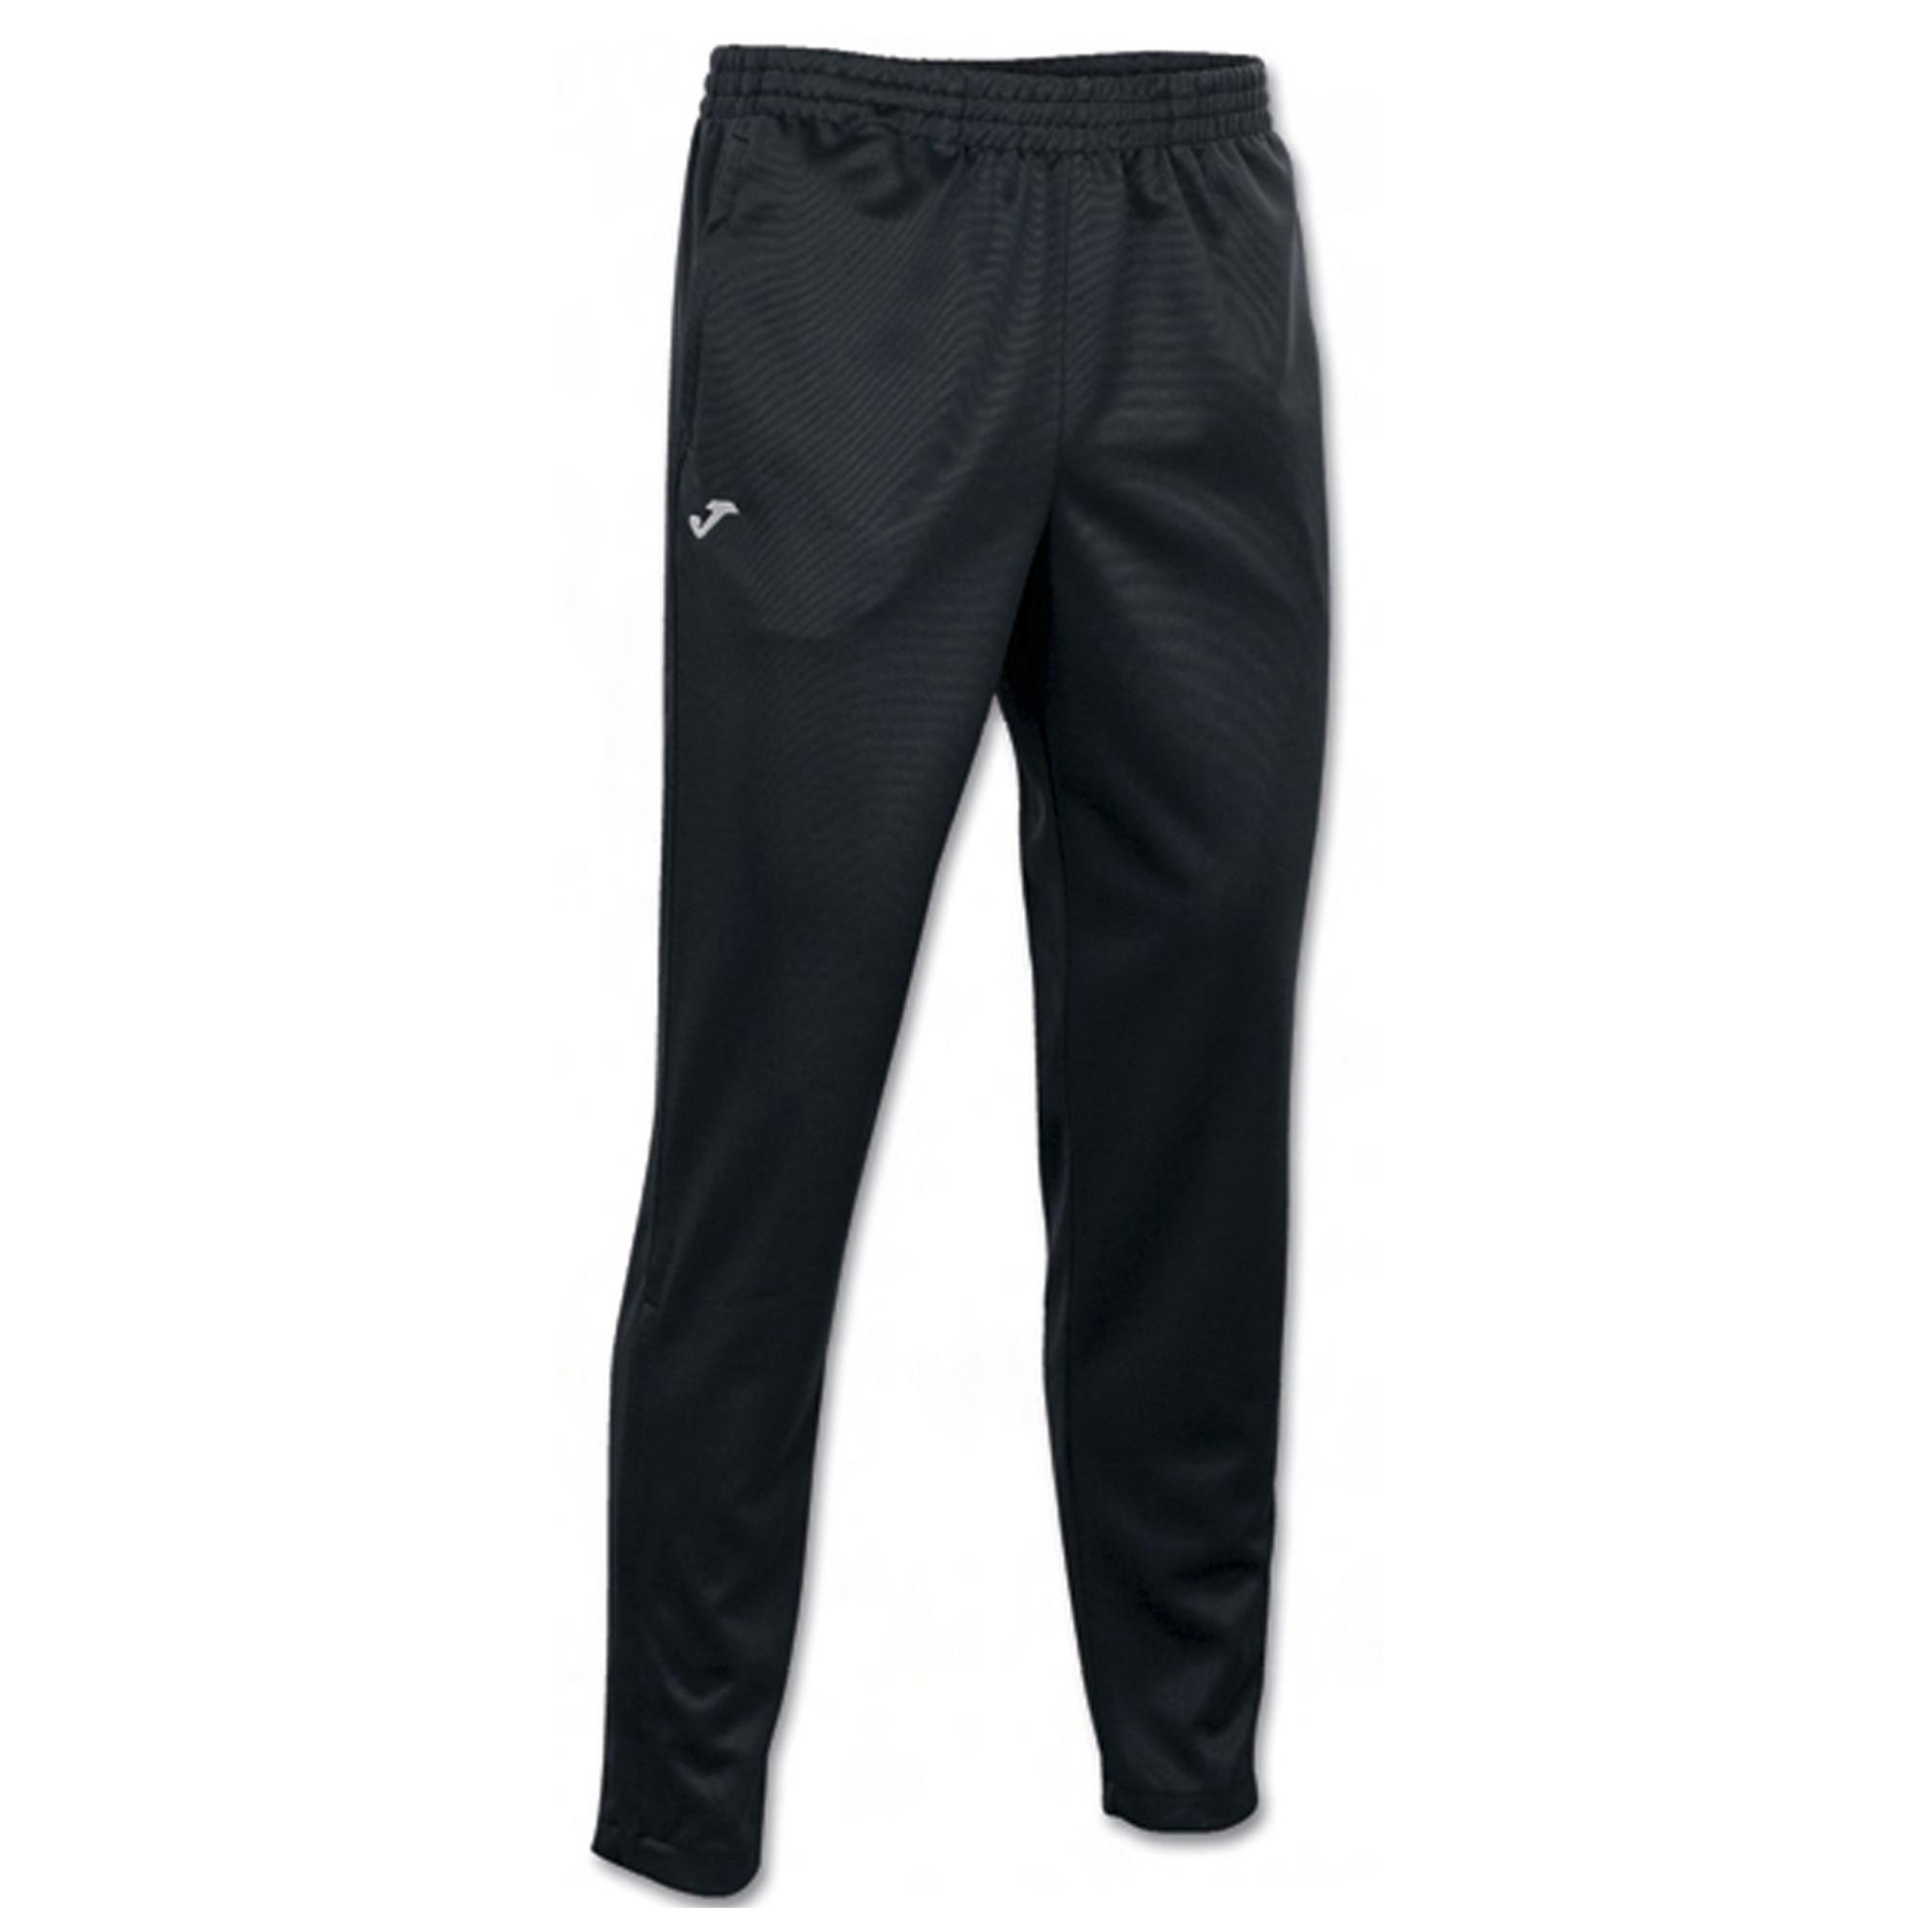 Pantalon Joma Fútbol Solution Entrenamiento Tienda Pitillo w1Pgx48